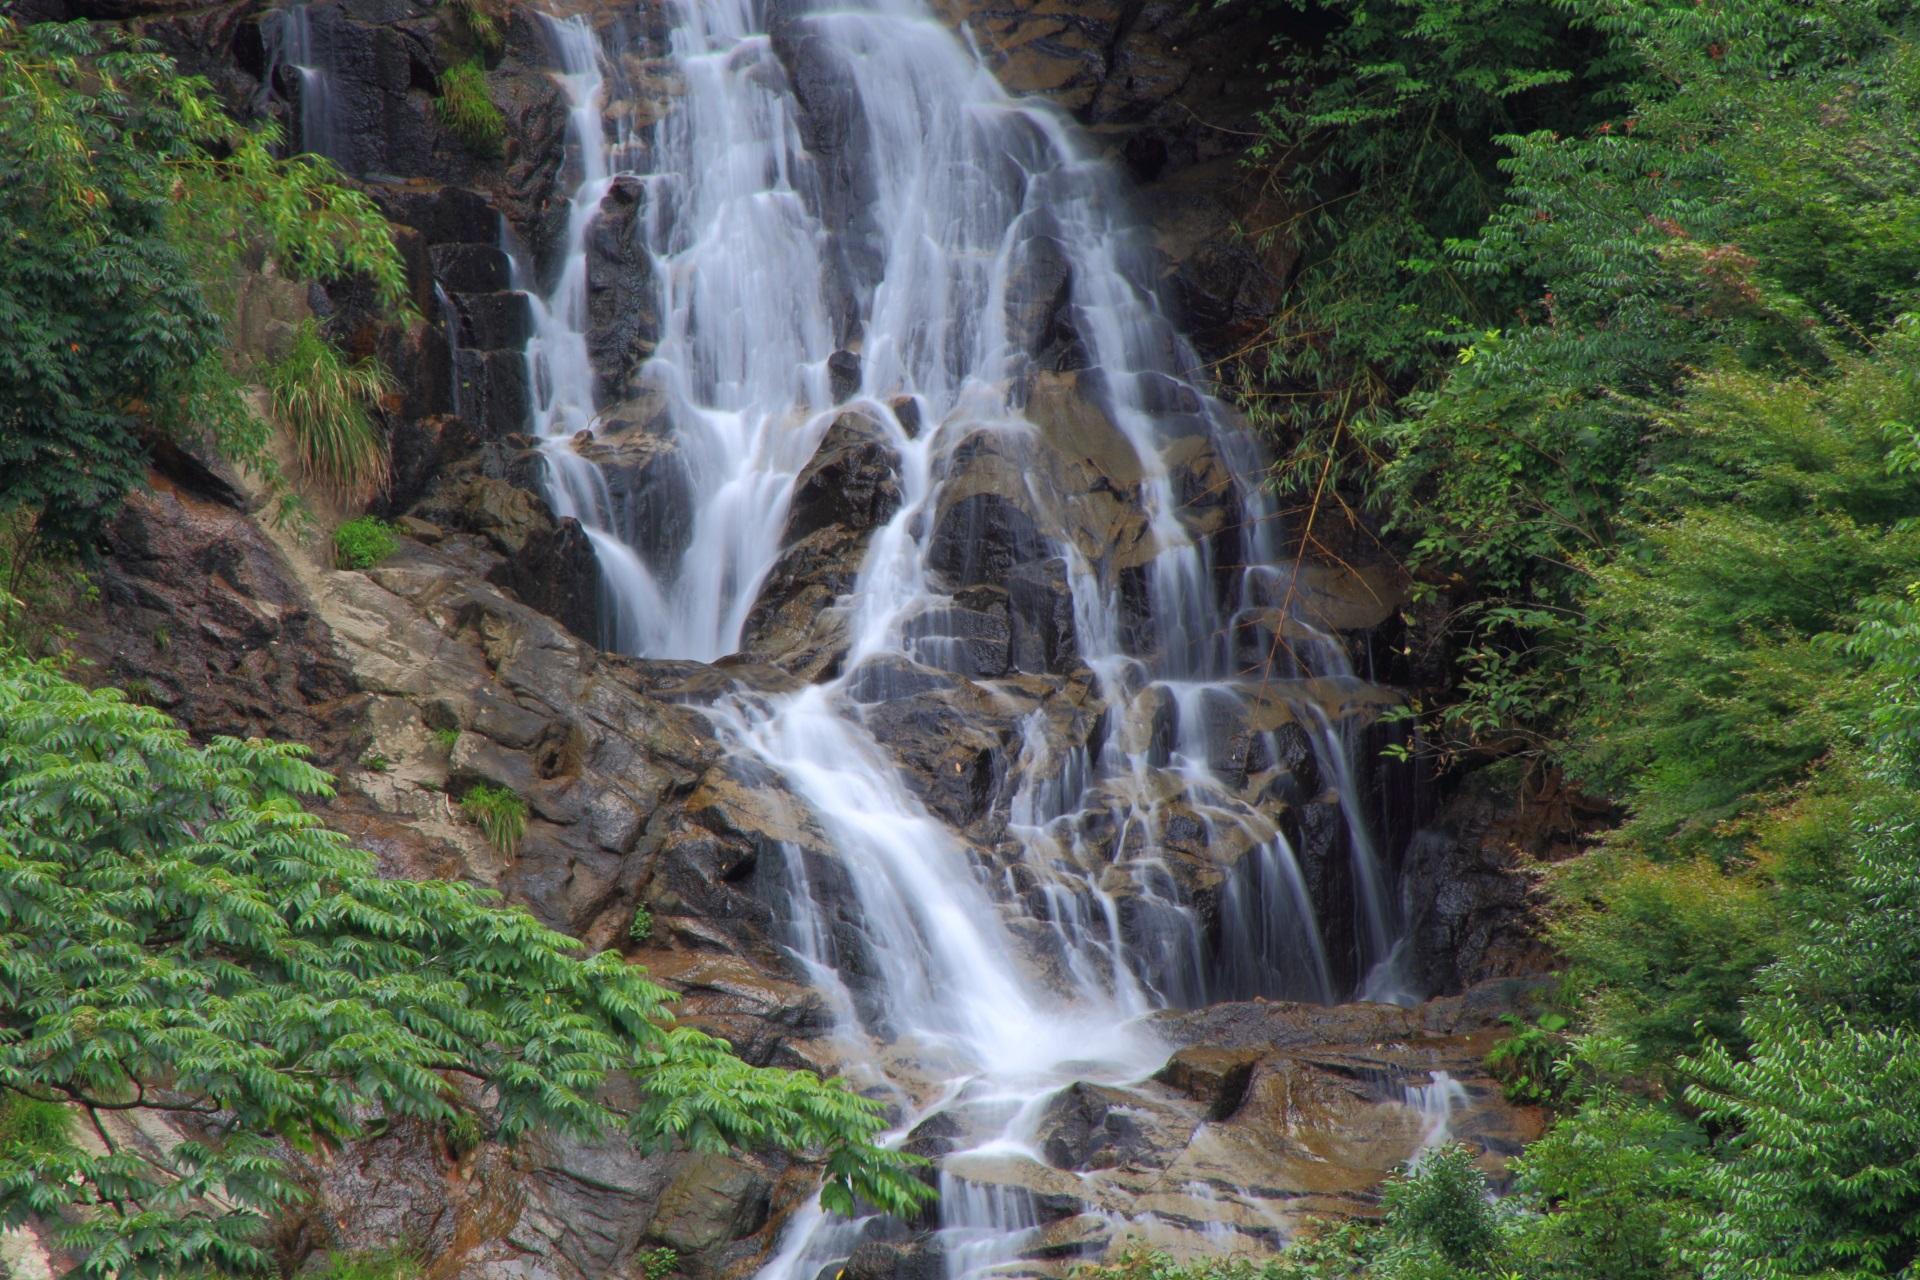 コントラスト緩めの柔らかい滝